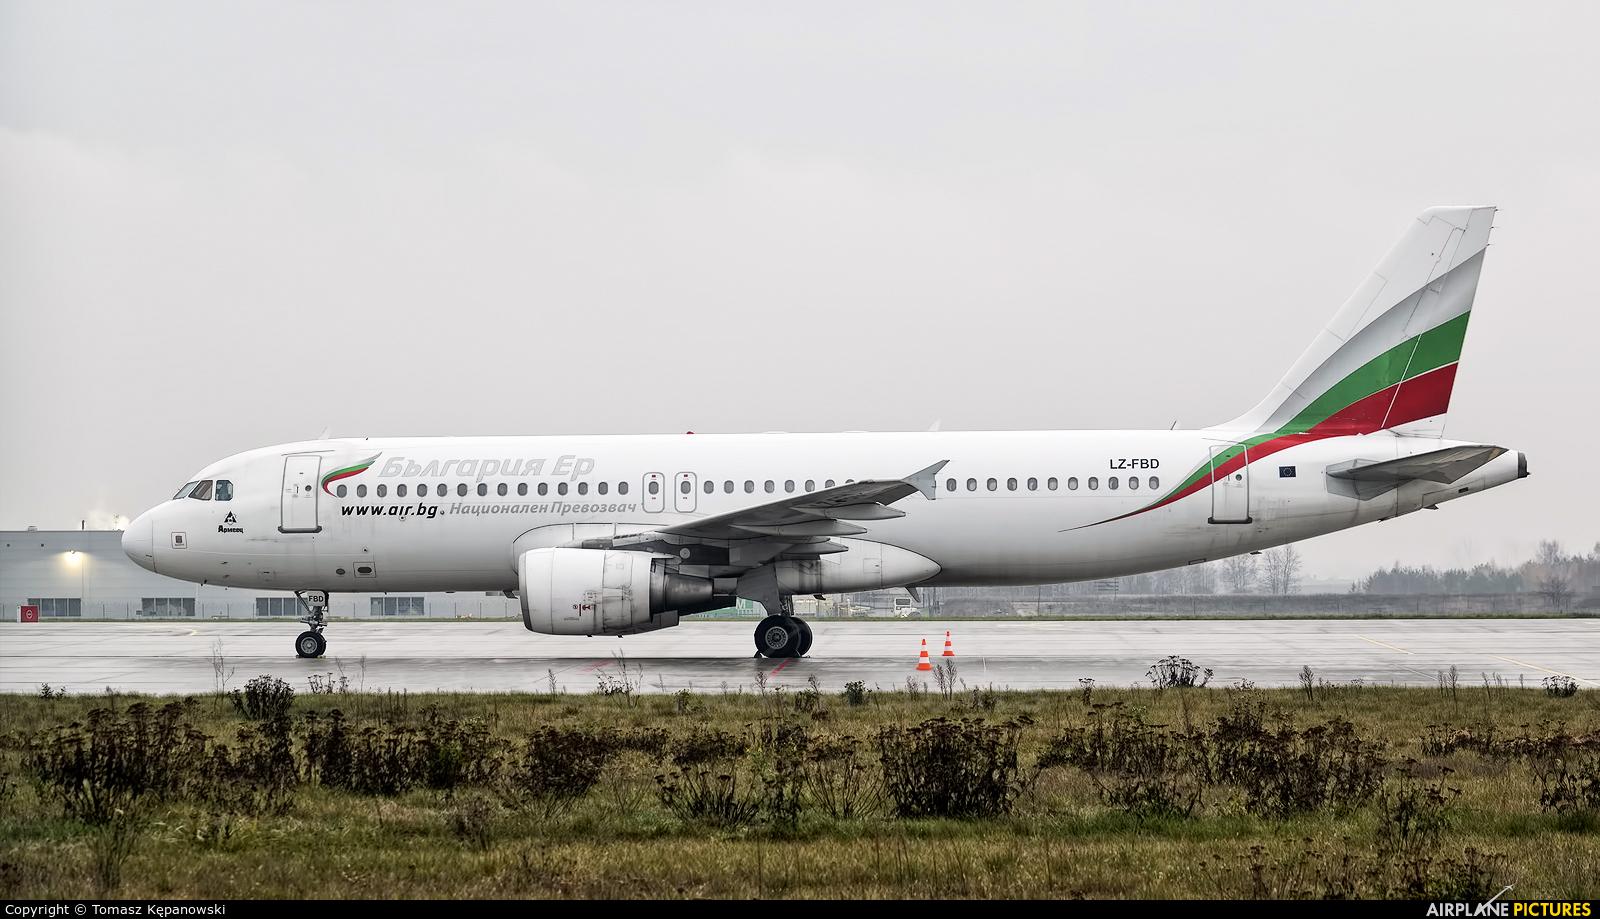 Bulgaria Air LZ-FBD aircraft at Rzeszów-Jasionka